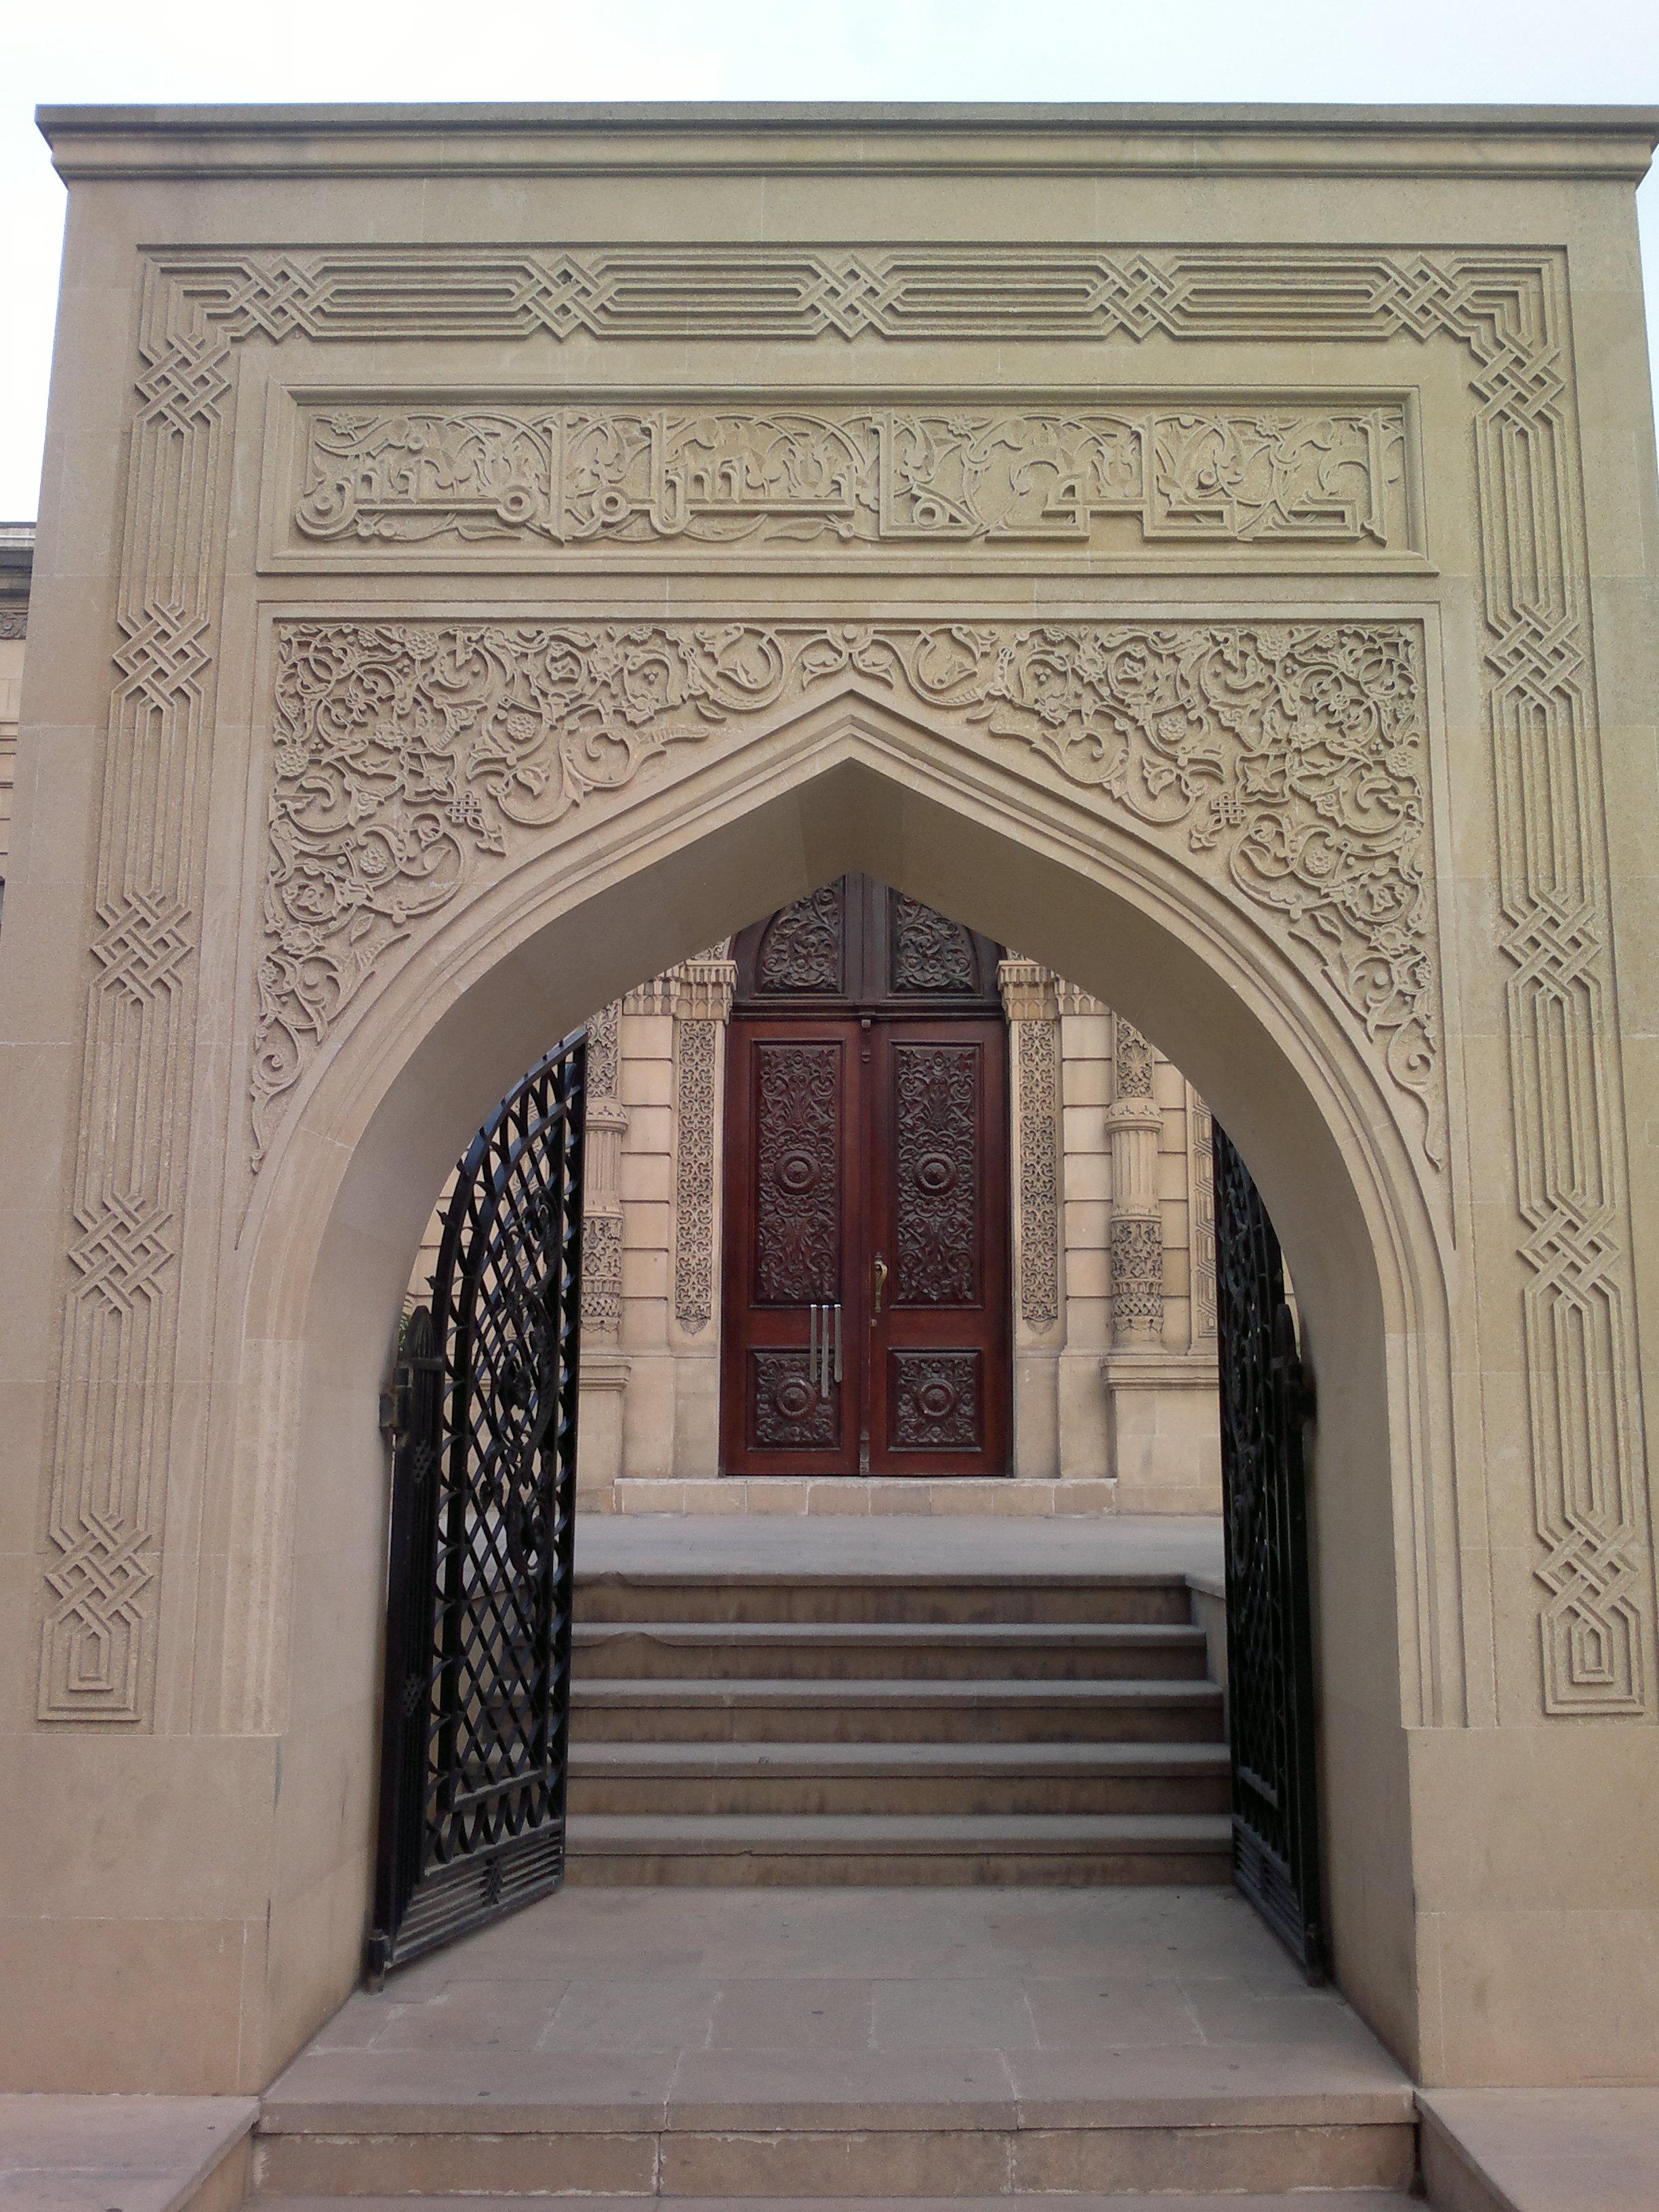 Mosque entrance photo